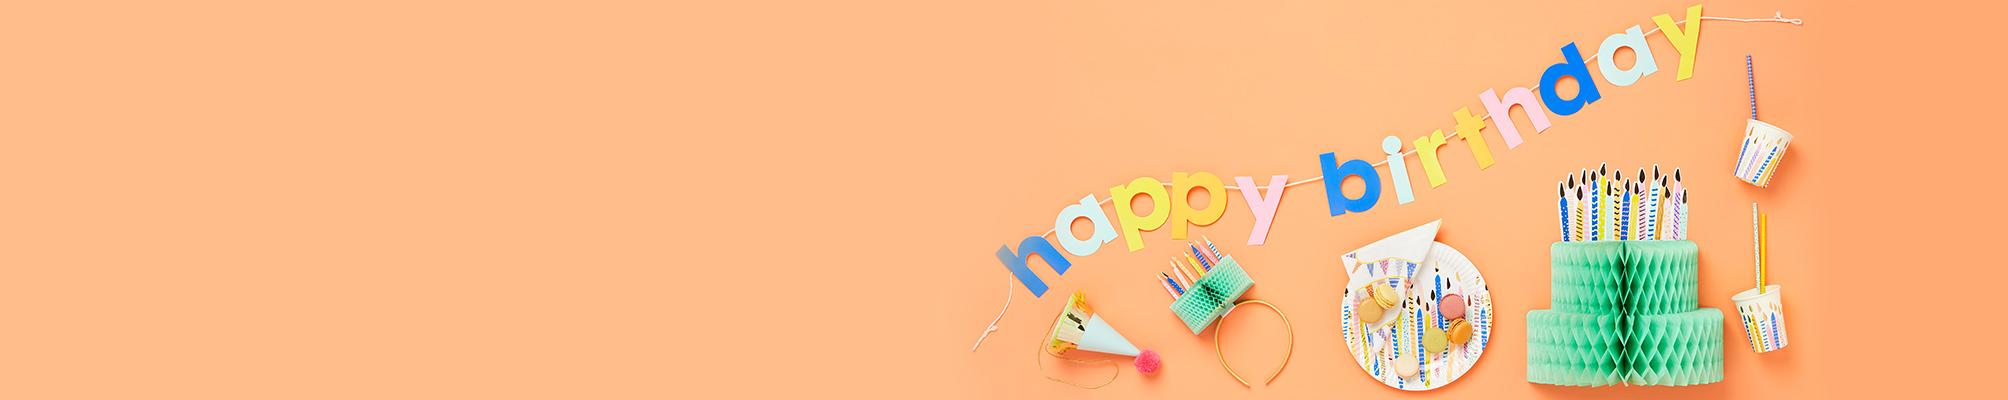 fêtes et anniversaires